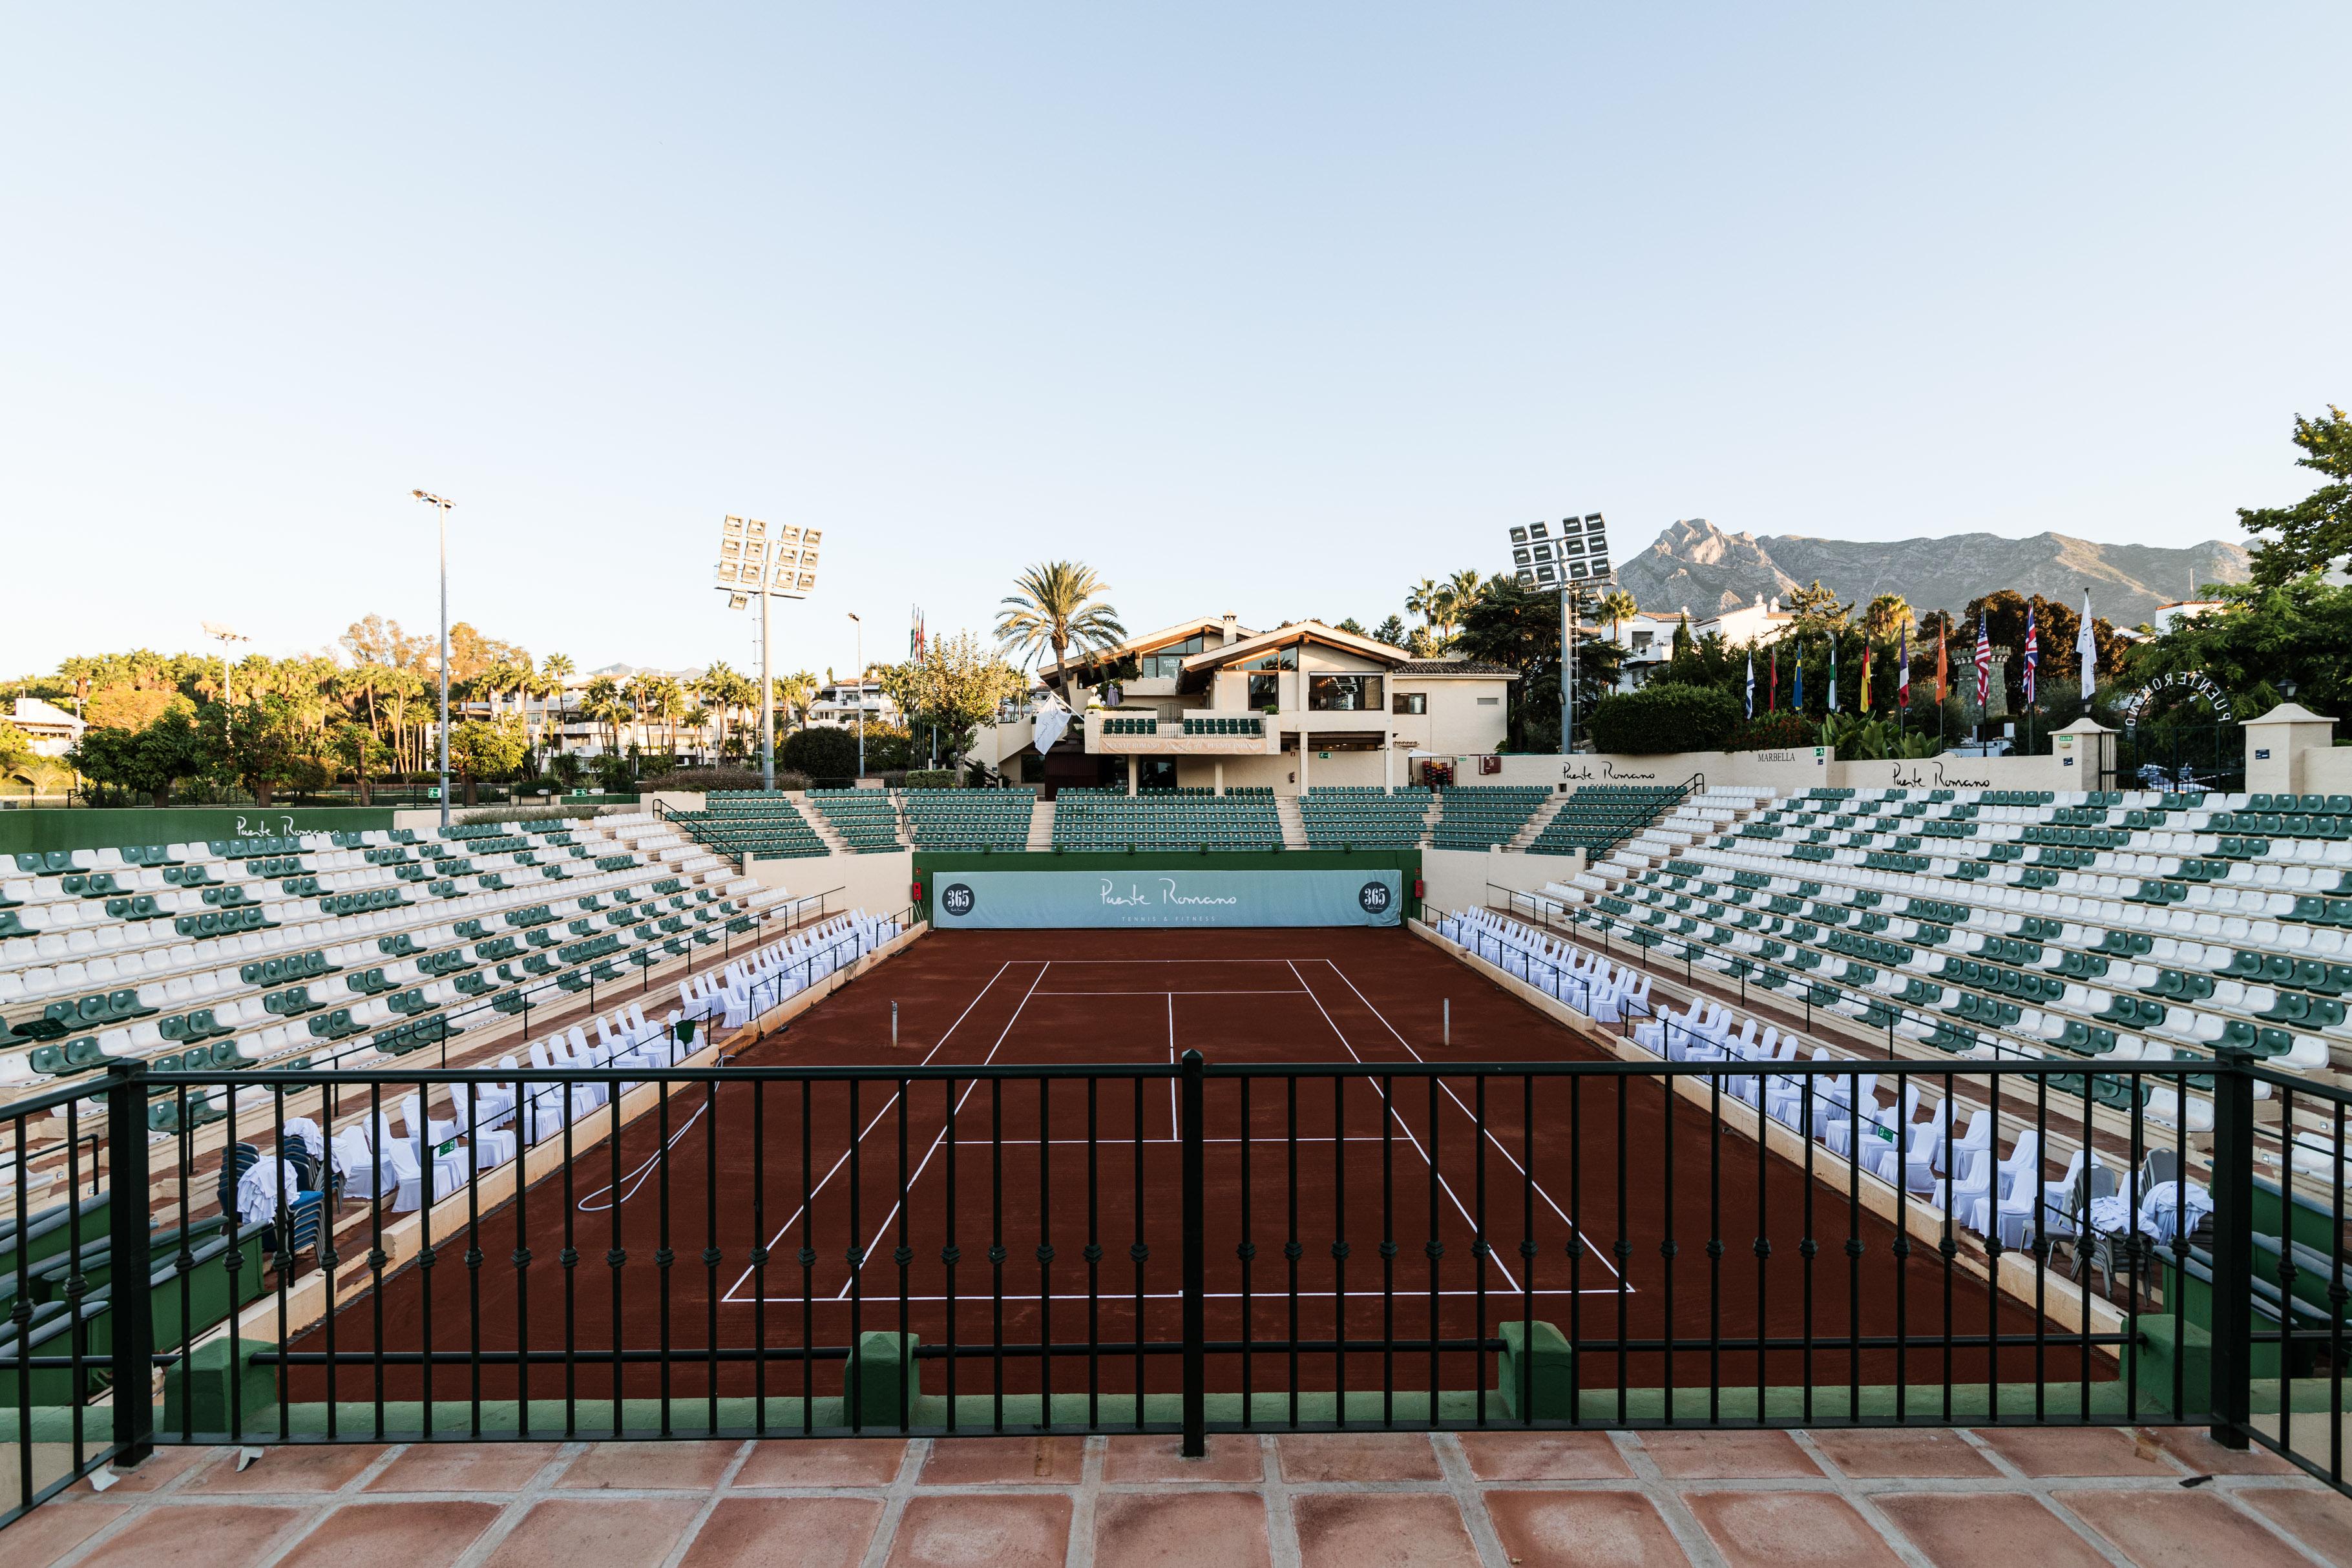 club-de-tenis-puente-romano-gradas-2